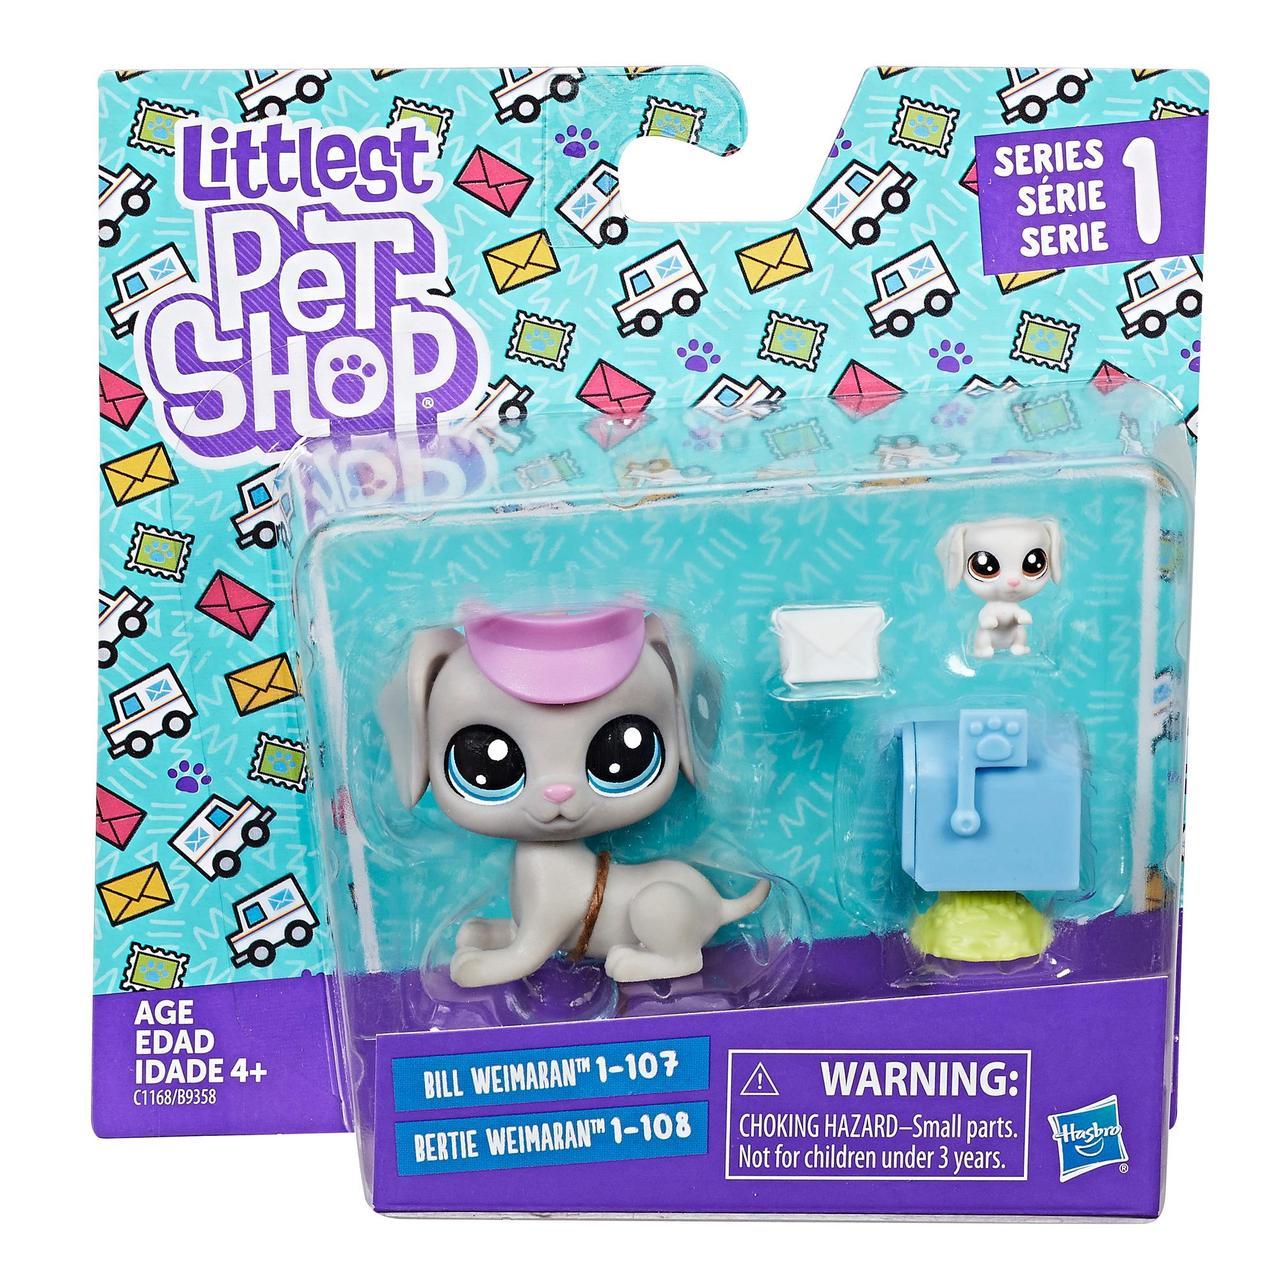 Littlest pet shop lps игровой набор Hasbro лпс пет шоп bill weimaran.bertie weimaran